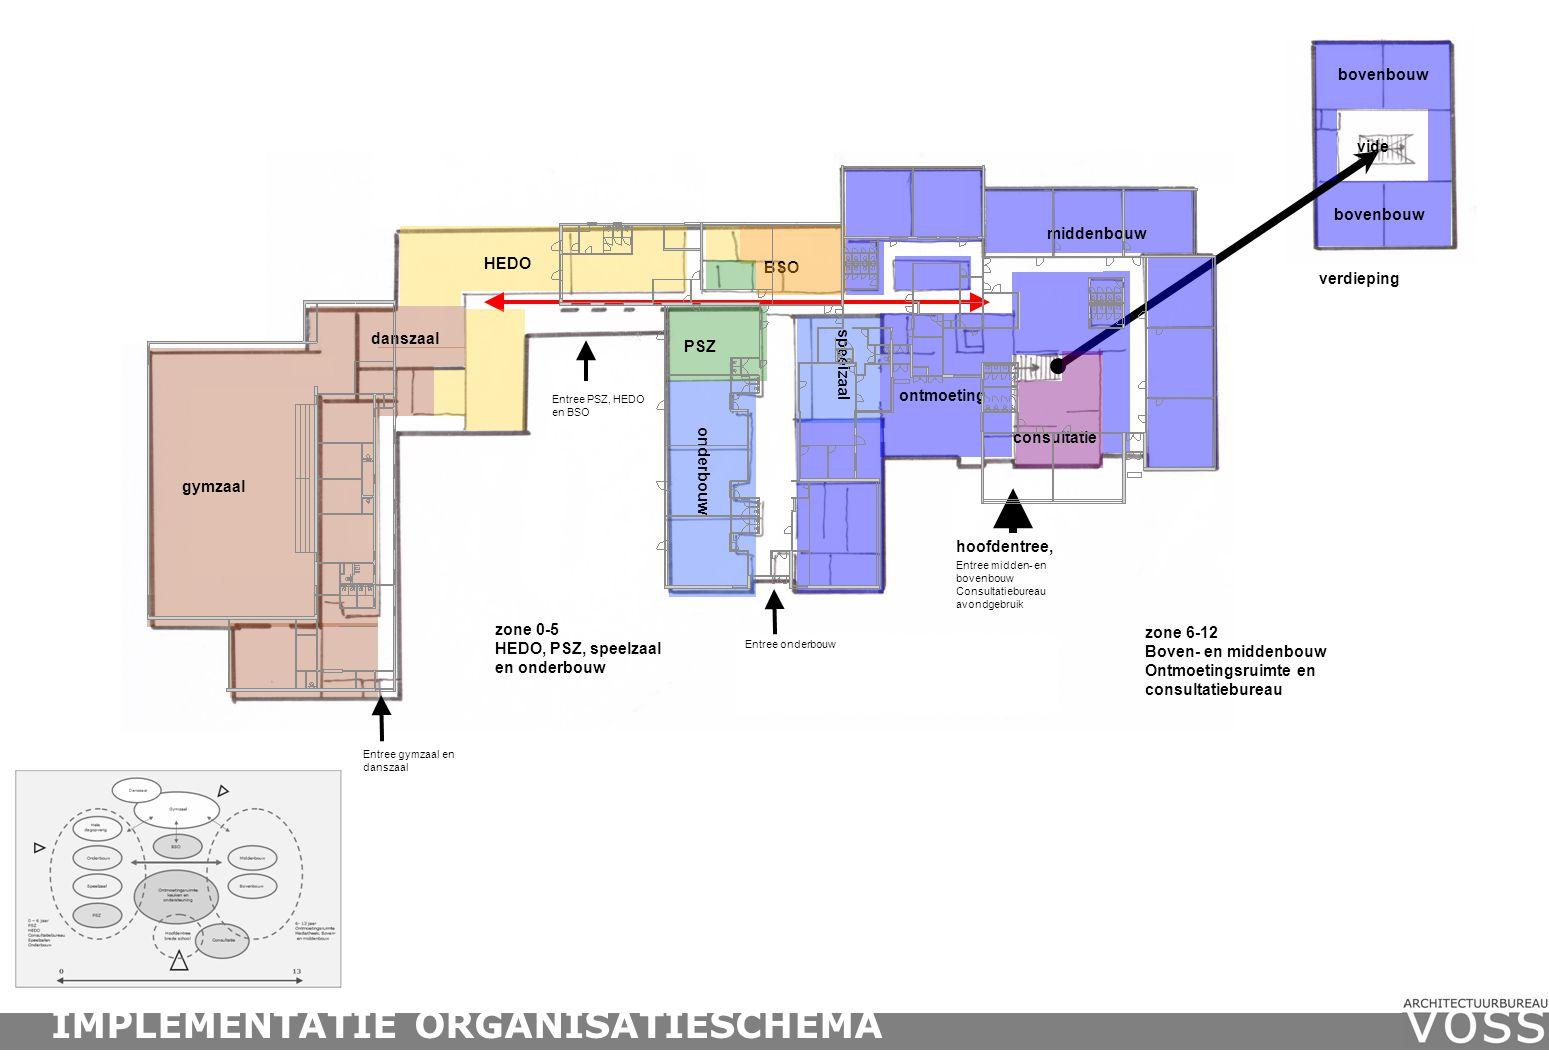 zone 6-12 Boven- en middenbouw Ontmoetingsruimte en consultatiebureau zone 0-5 HEDO, PSZ, speelzaal en onderbouw hoofdentree, Entree PSZ, HEDO en BSO Entree midden- en bovenbouw Consultatiebureau avondgebruik HEDO BSO PSZ onderbouw ontmoeting bovenbouw consultatie speelzaal middenbouw danszaal gymzaal Entree onderbouw Entree gymzaal en danszaal verdieping IMPLEMENTATIE ORGANISATIESCHEMA vide bovenbouw